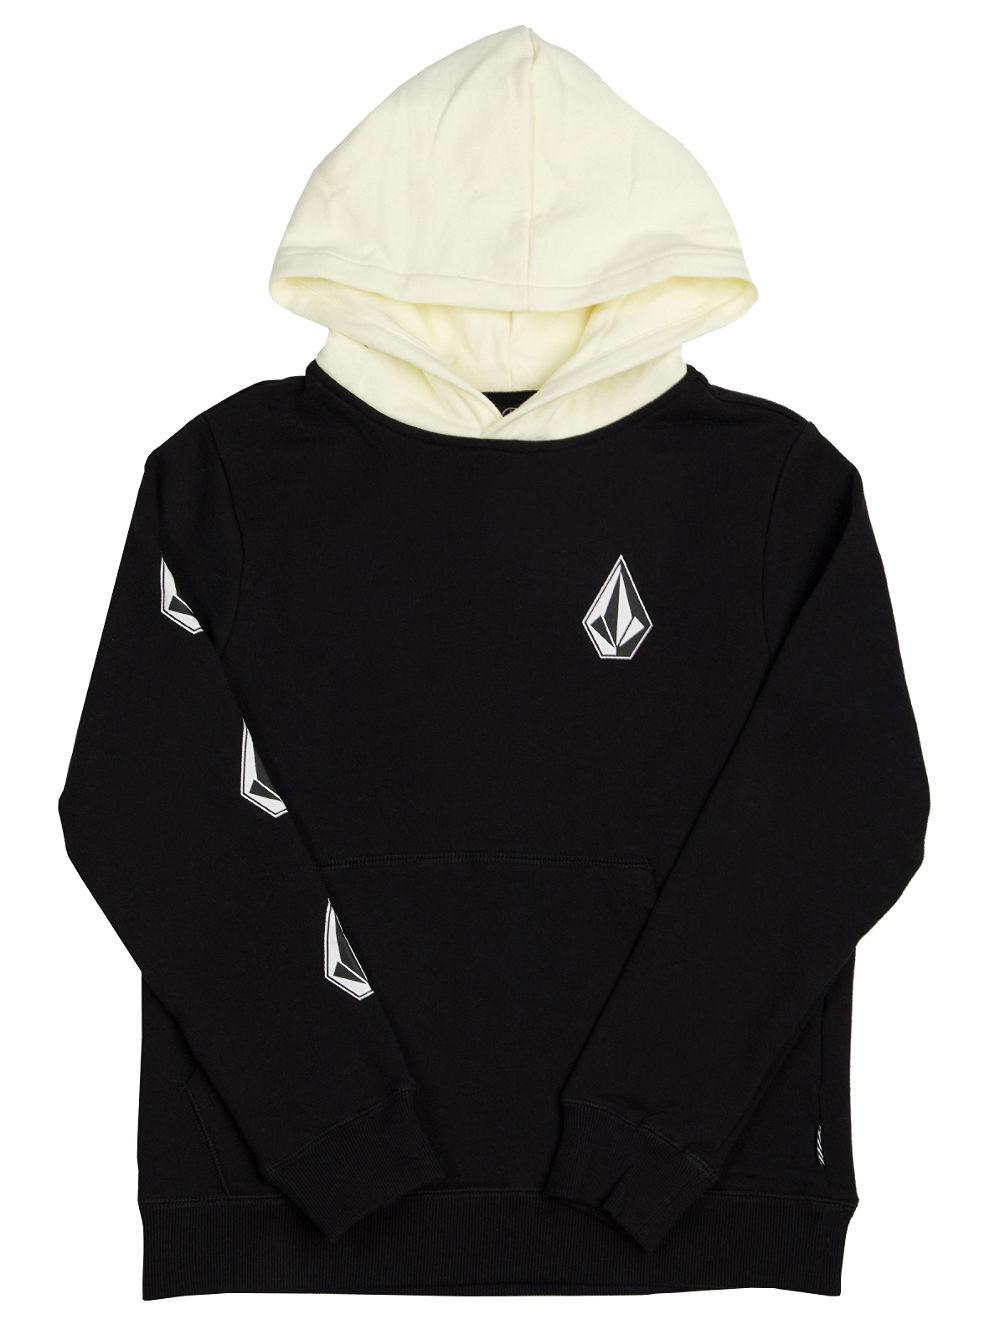 Compra Volcom Deadly Stones Sudadera con capucha niños en línea en ... abd04c0d9d0